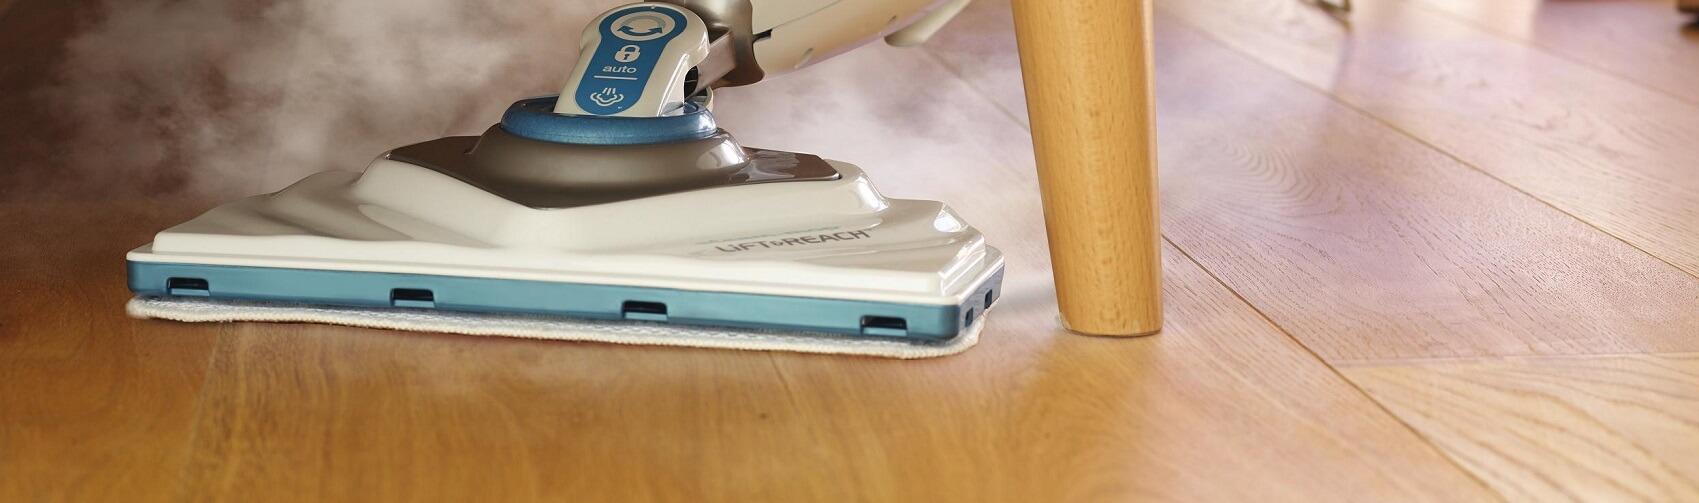 La migliore scope a vapore per la pulizia della casa del for Vaporetto portatile migliore